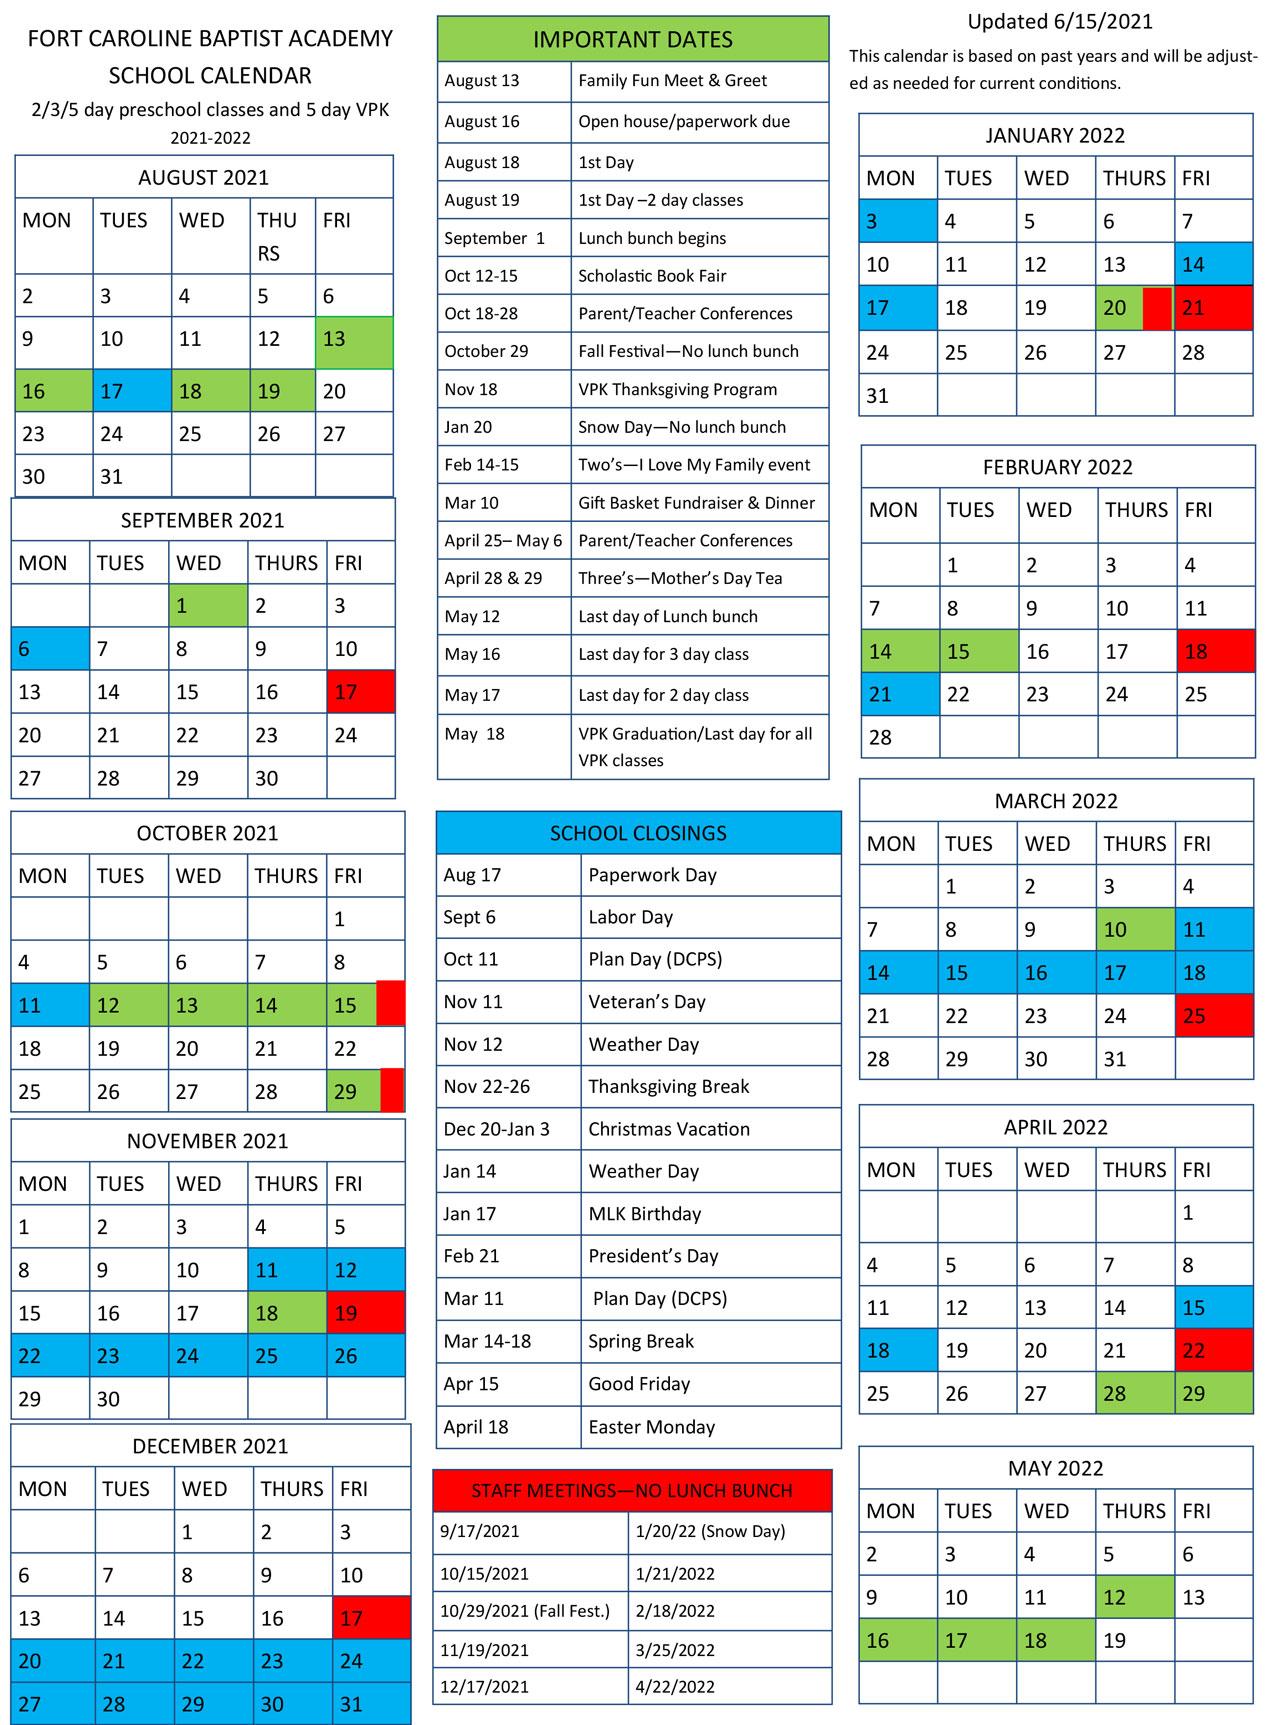 FCBA 2021-22 Calendar